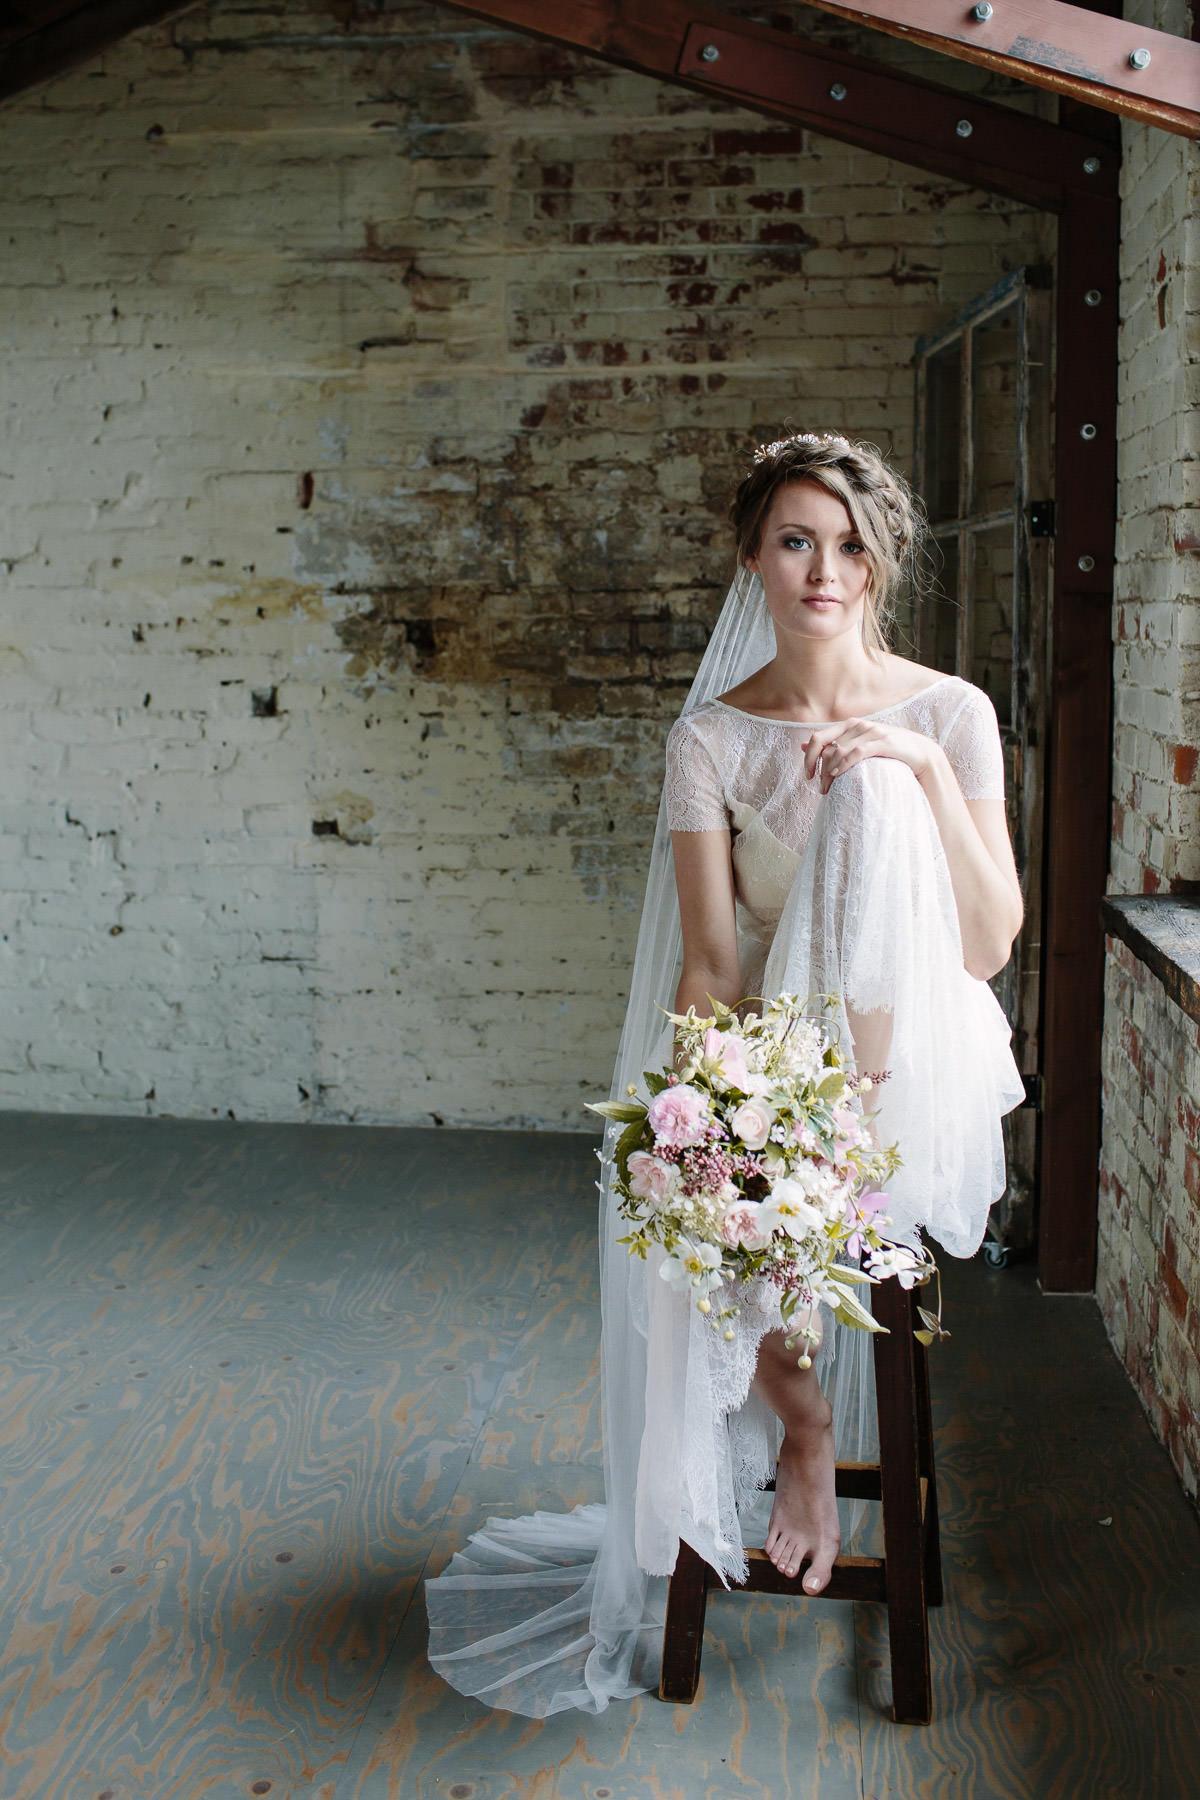 Indie wedding dresses uk brides